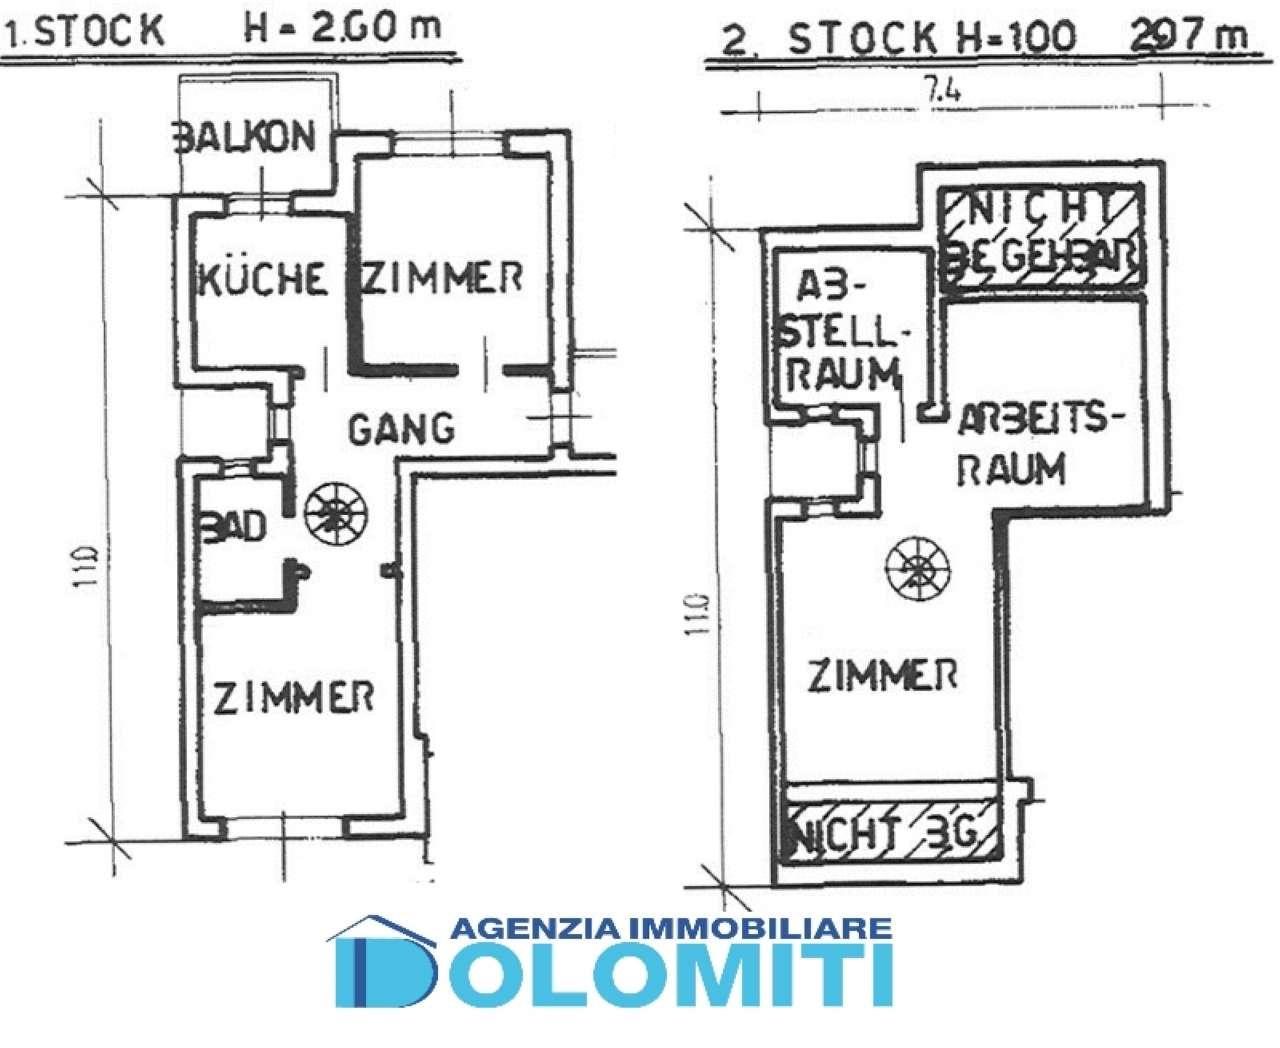 Appartamento in vendita a Caldaro sulla Strada del Vino, 9999 locali, prezzo € 295.000 | CambioCasa.it